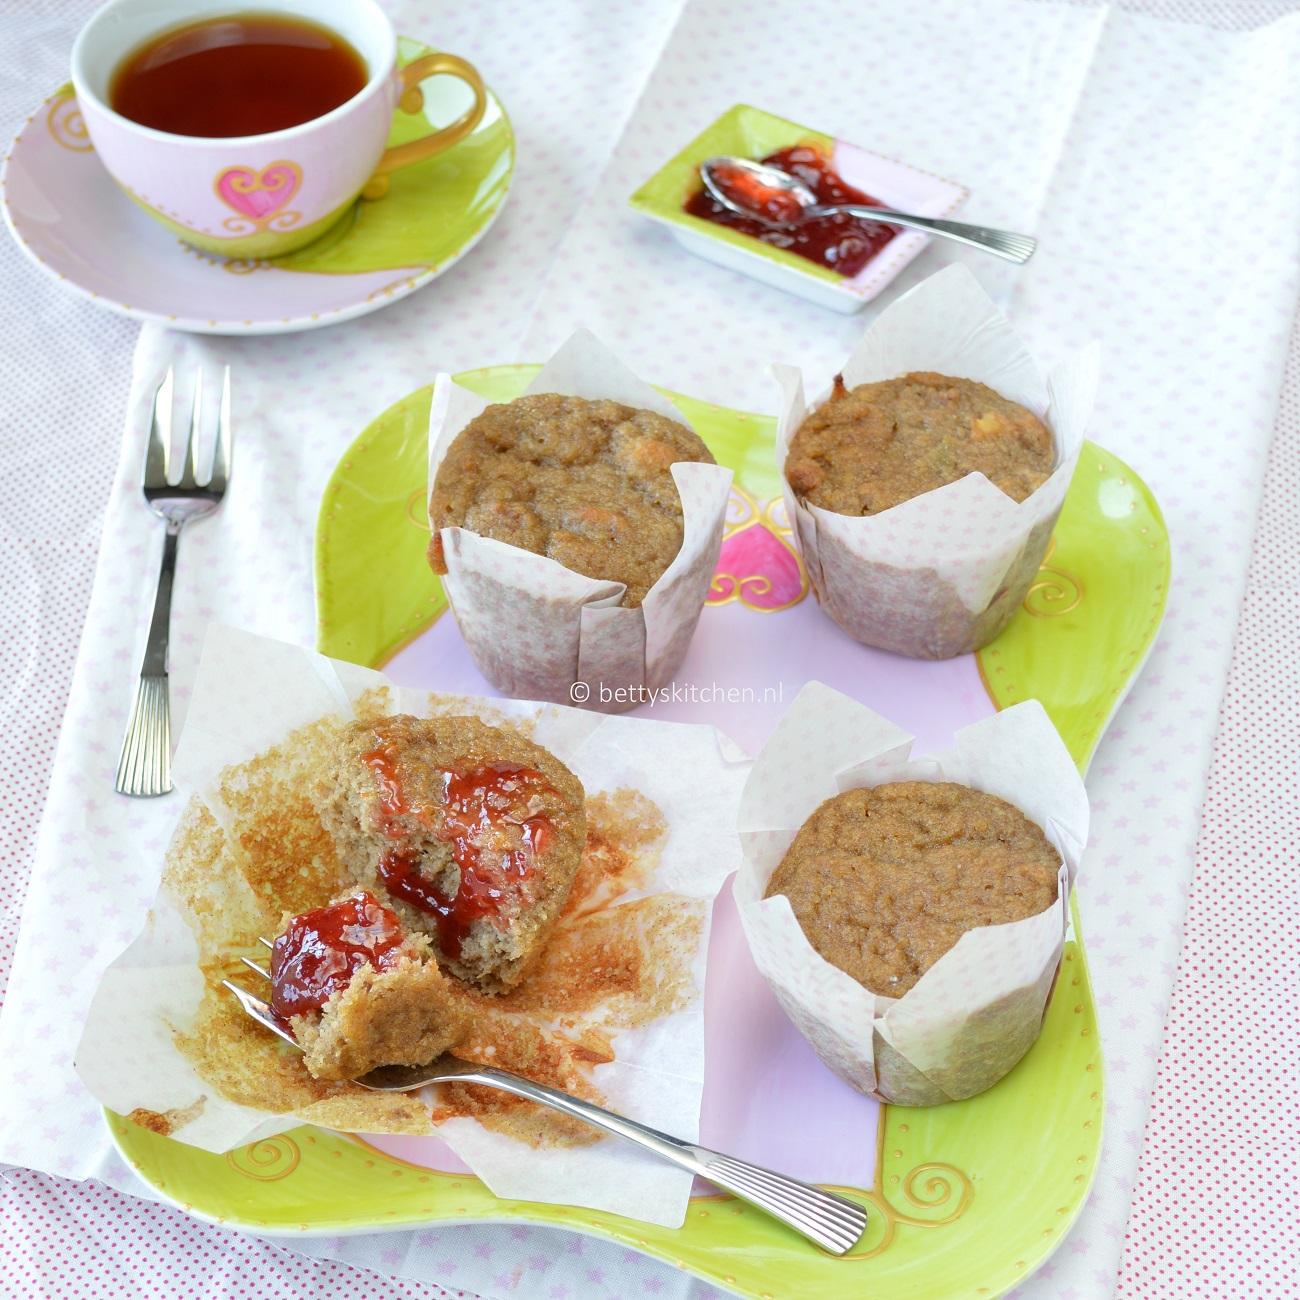 Rabarber muffins 5a-001